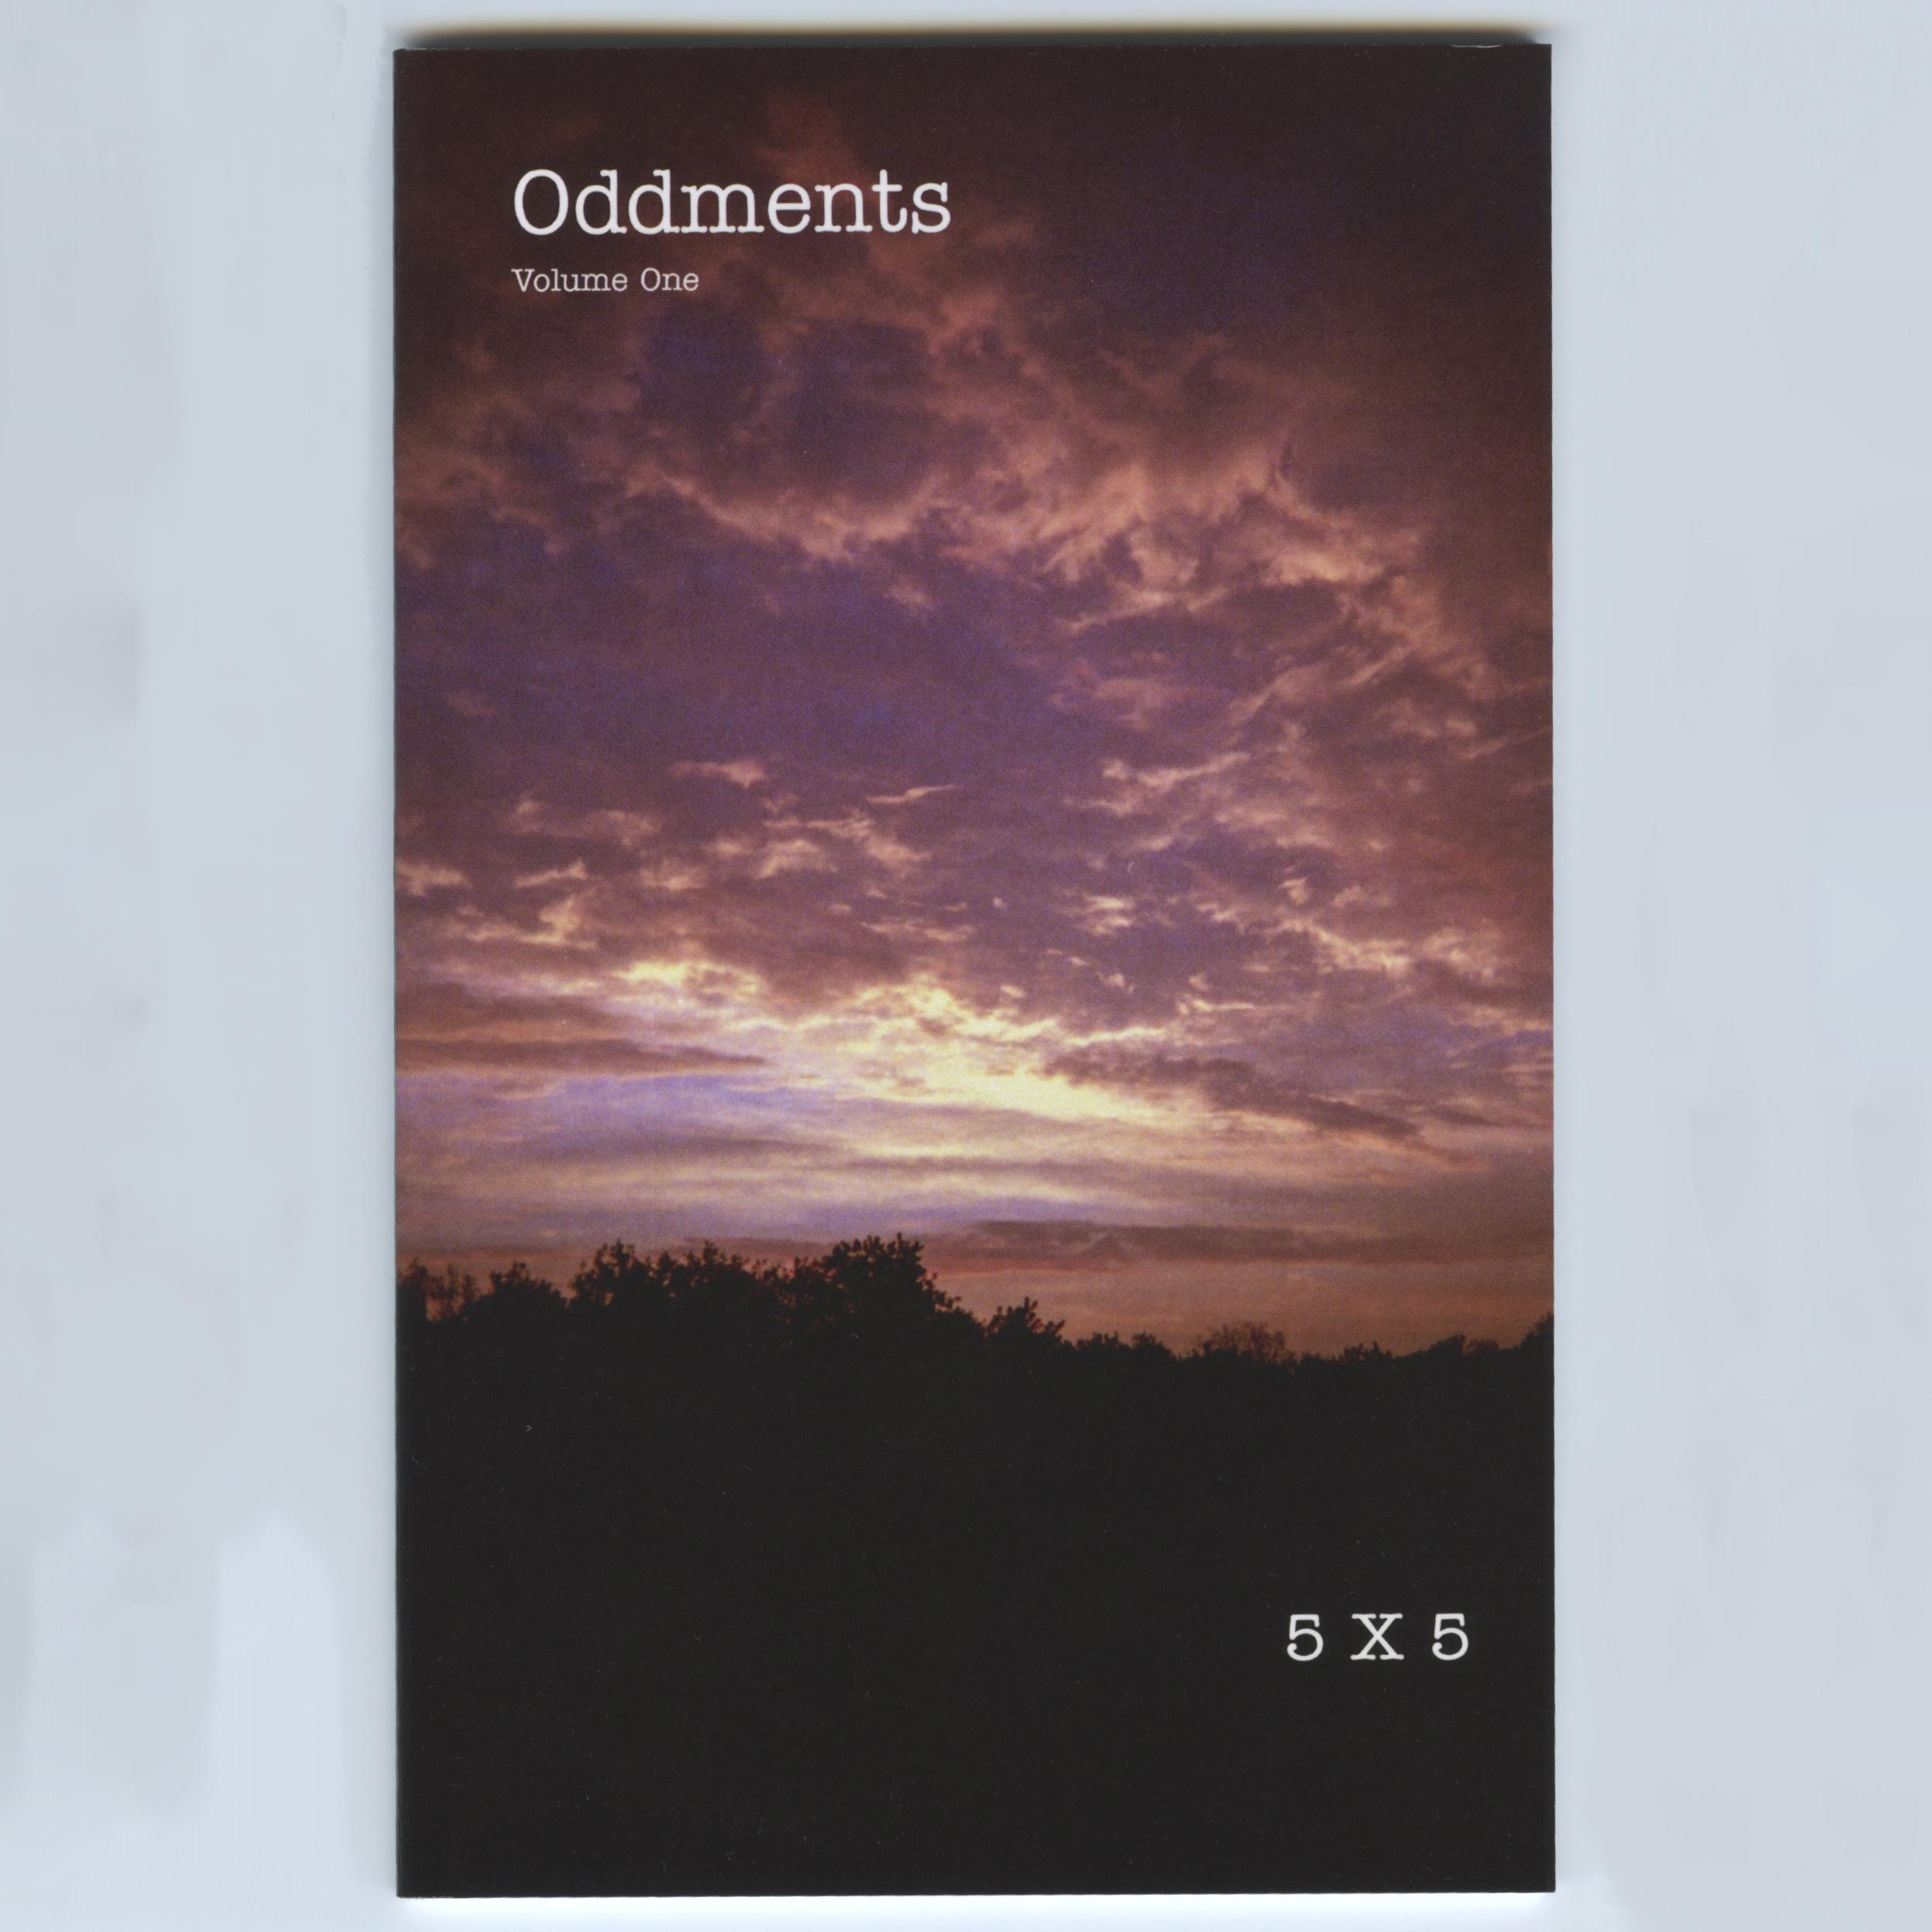 Oddments - Jason Brewer